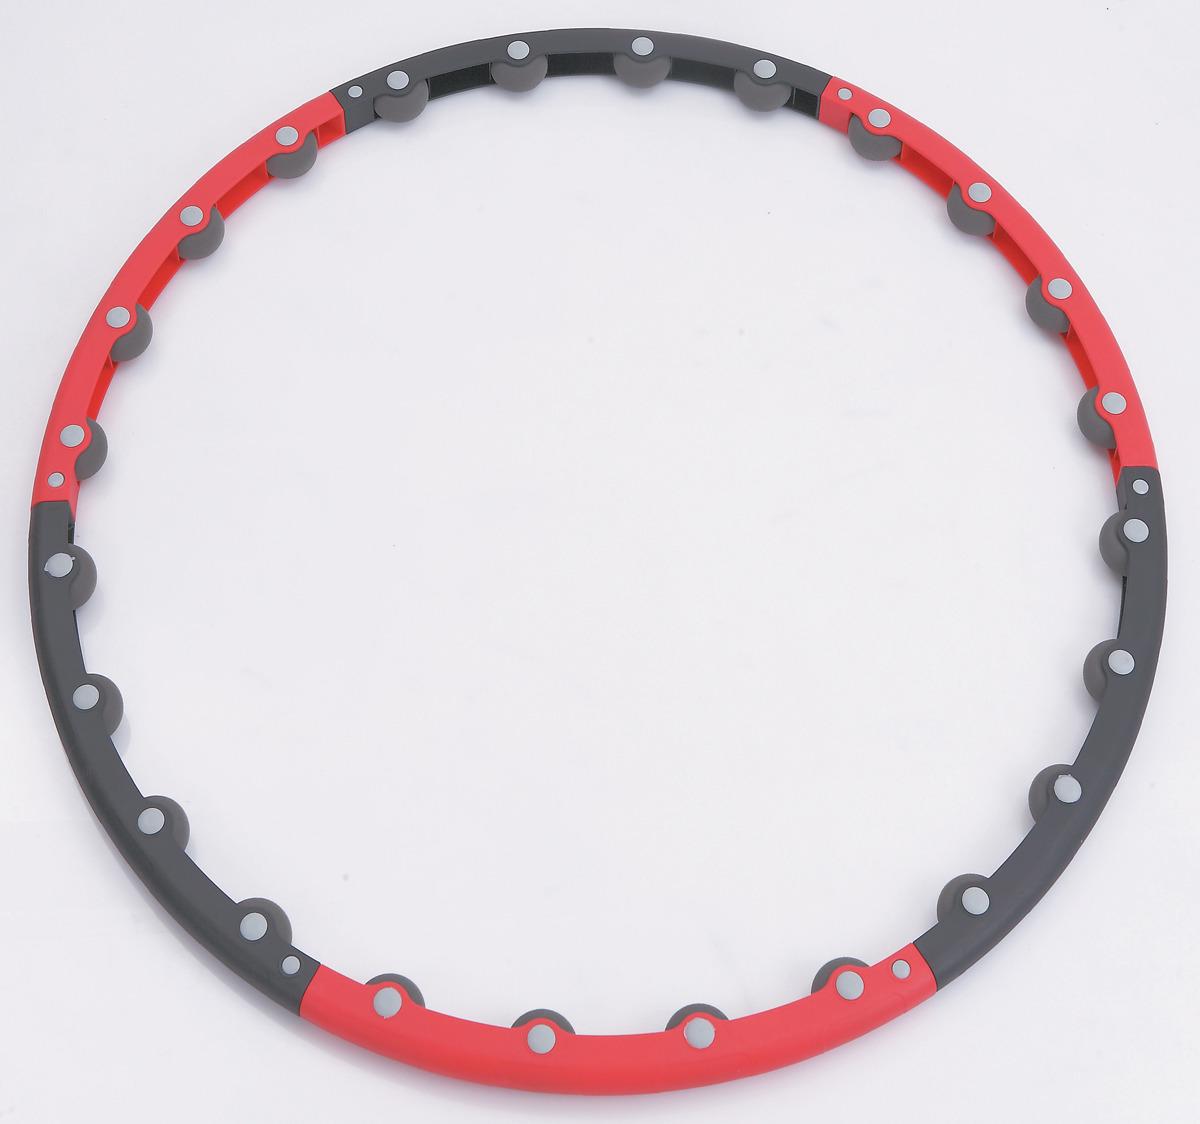 """Обруч массажный Pro-Supra """"Soft 045-HR"""", разборный, цвет: разноцветный, диаметр 100 см"""